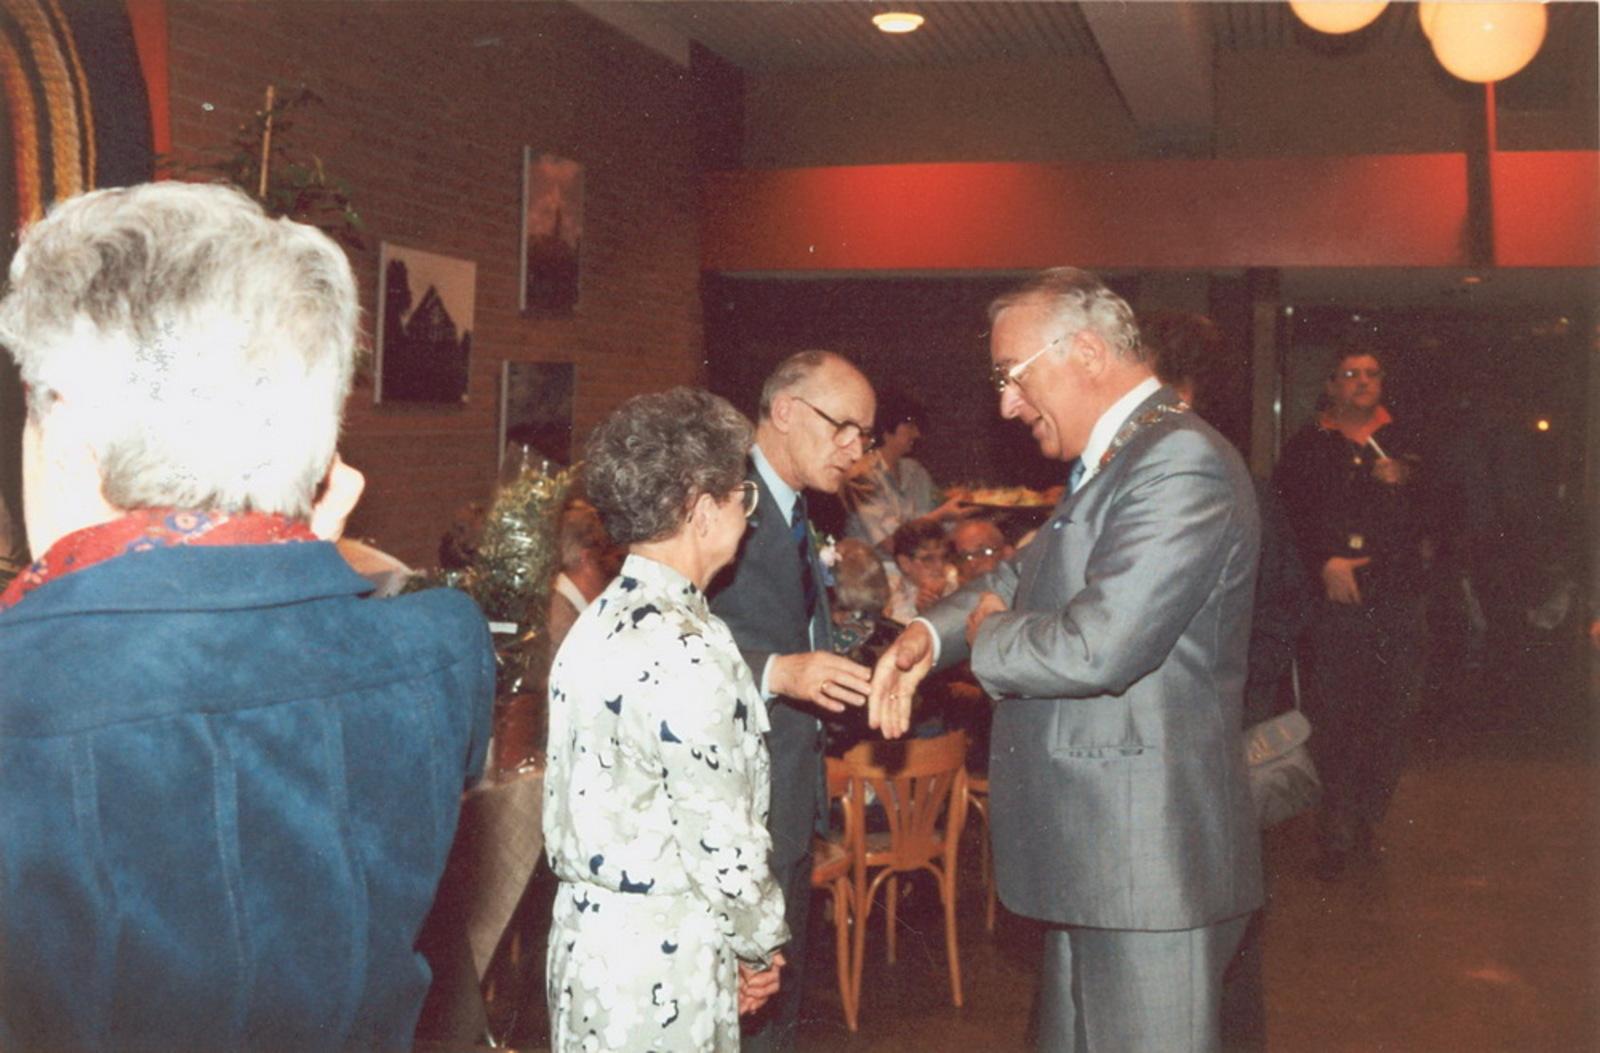 Marktlaan O 0022 1988 Sigarenboer Kraak 50jr Jub en Sluiting 79